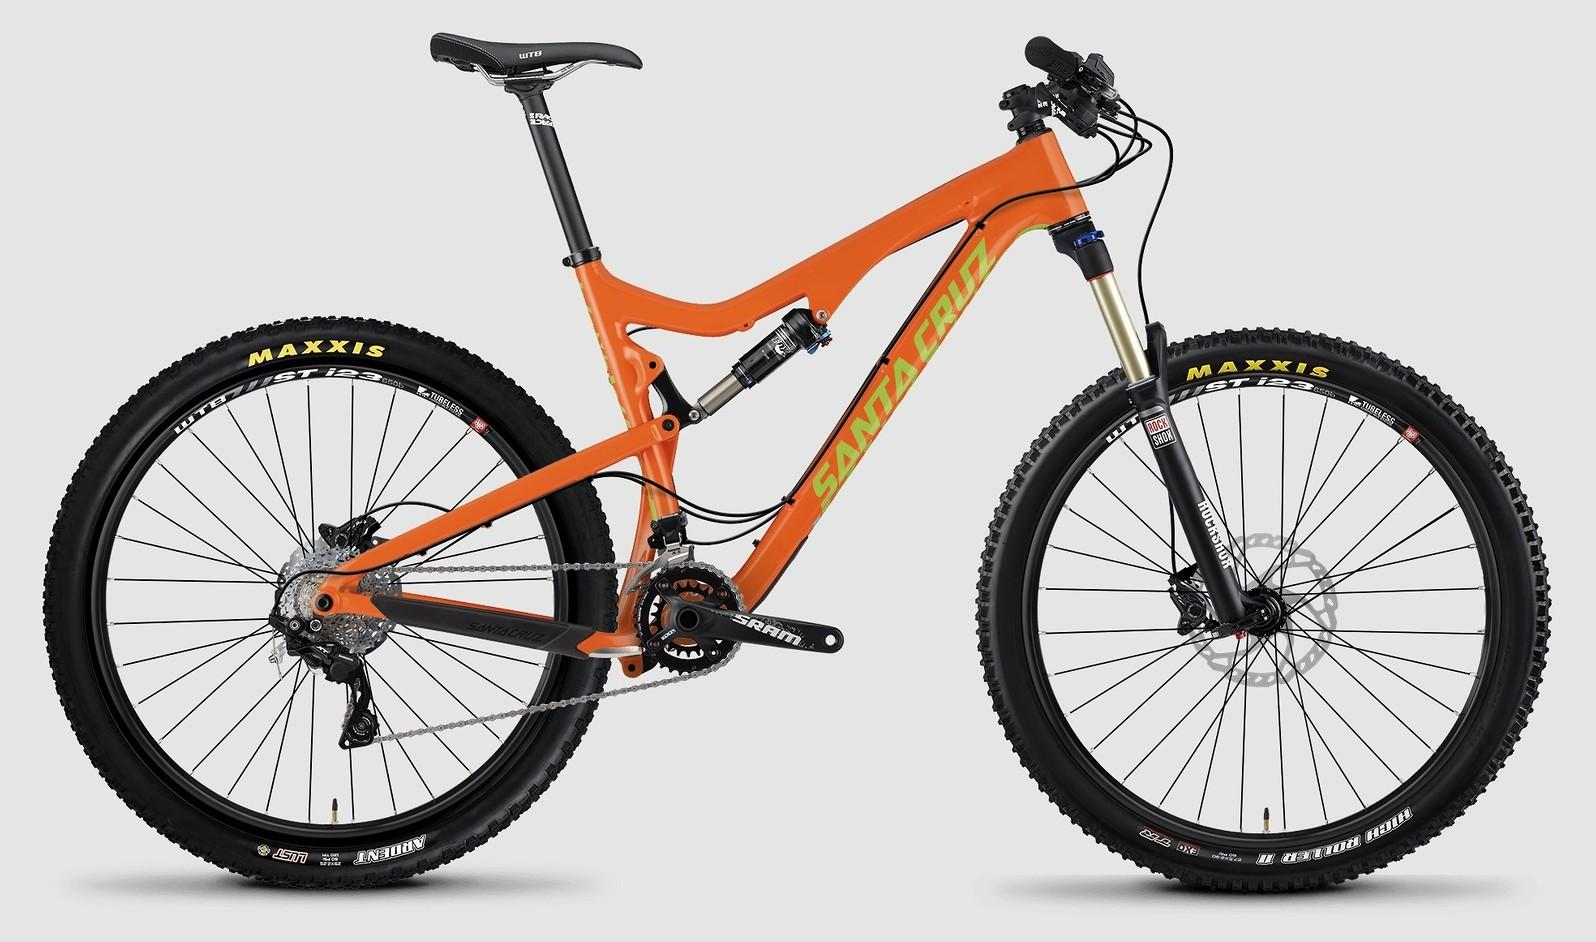 2015 Santa Cruz 5010 Carbon R bike